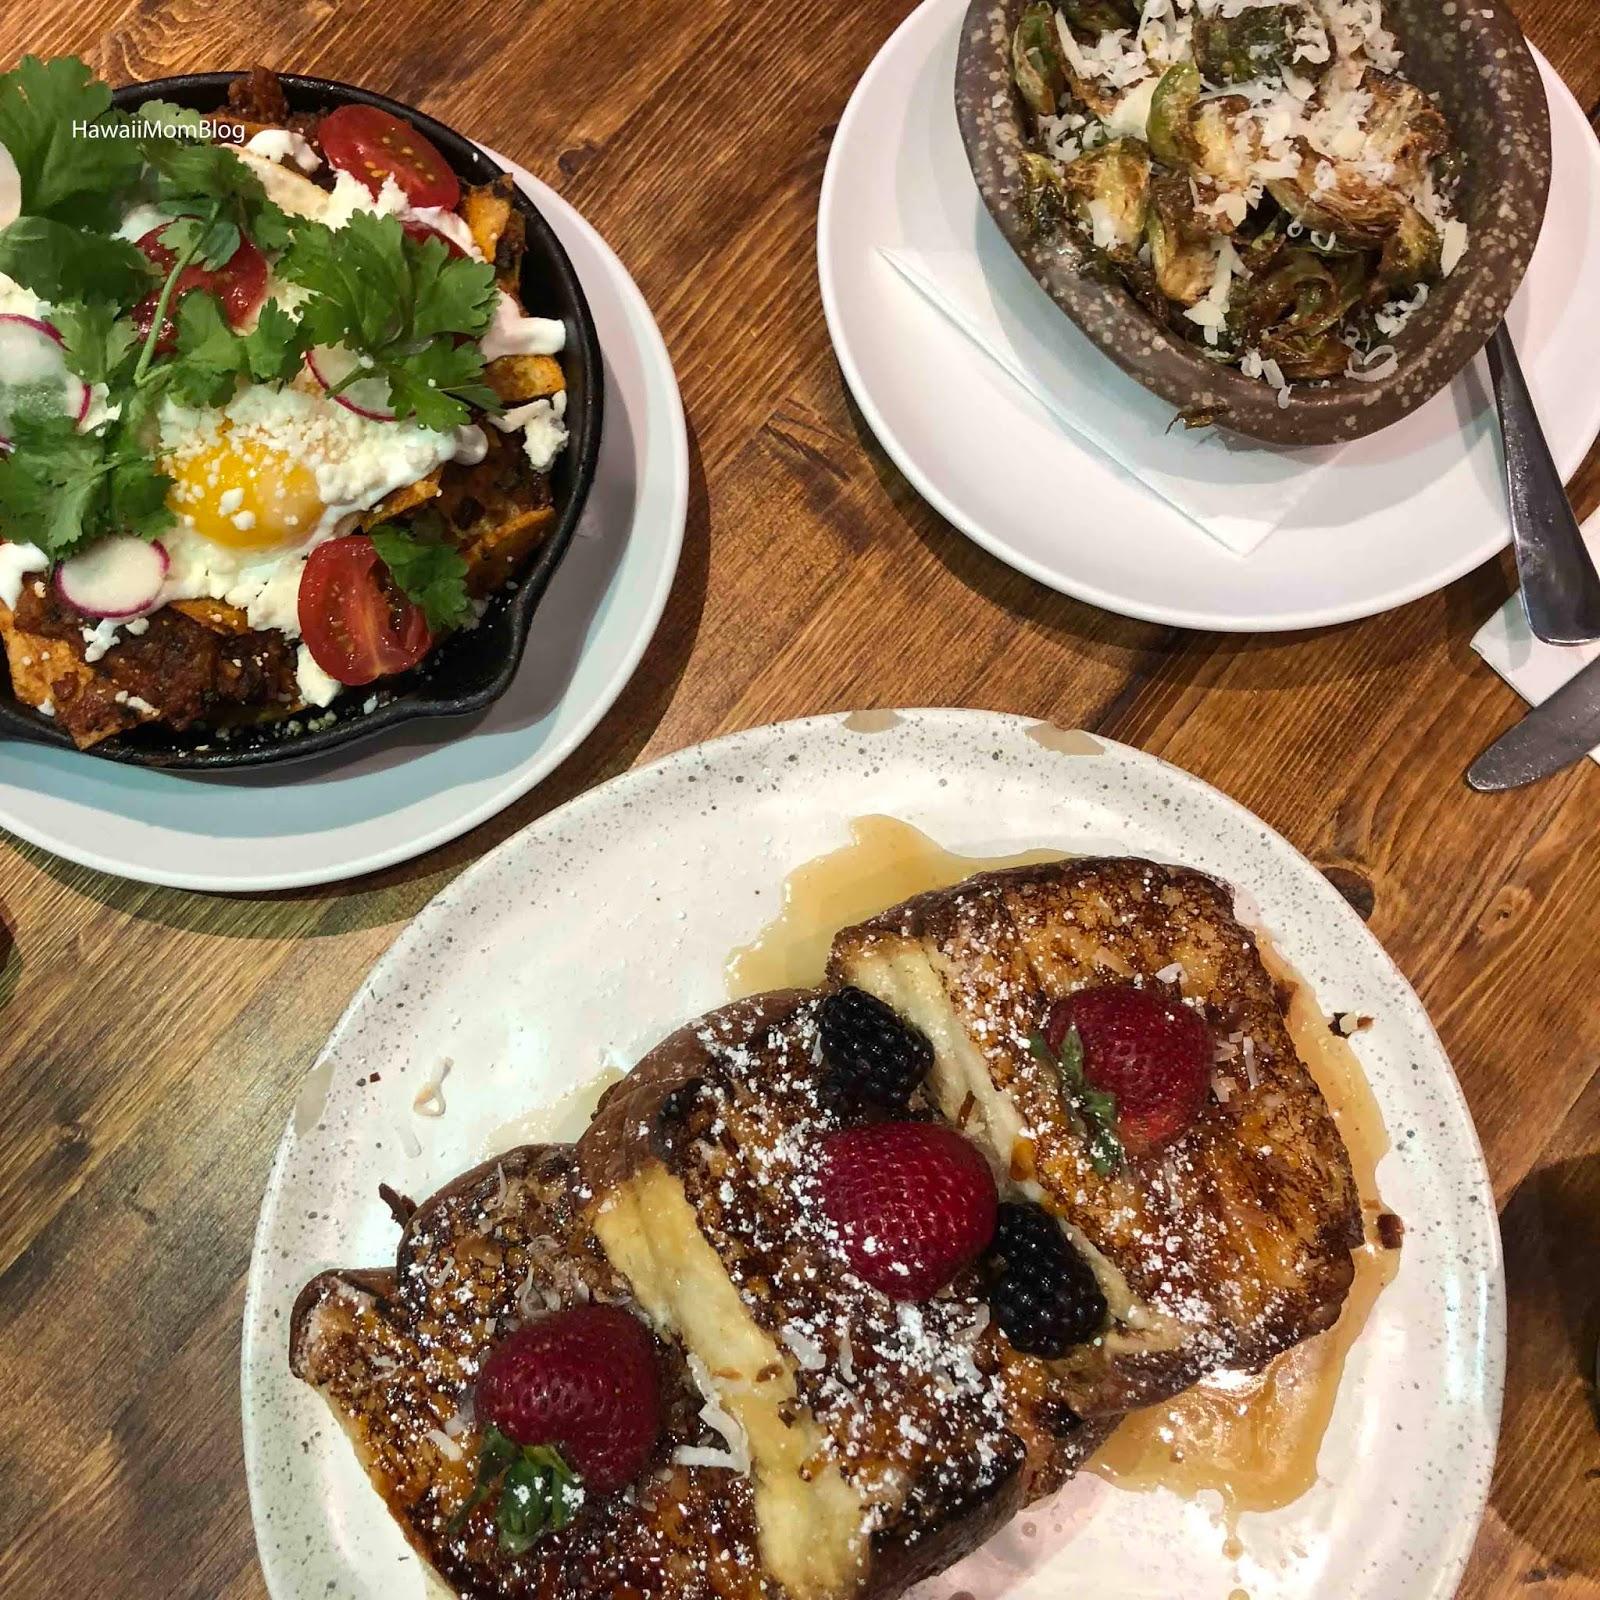 Hawaii Mom Blog: Scratch Kitchen & Meatery Summer 2018 Brunch Menu